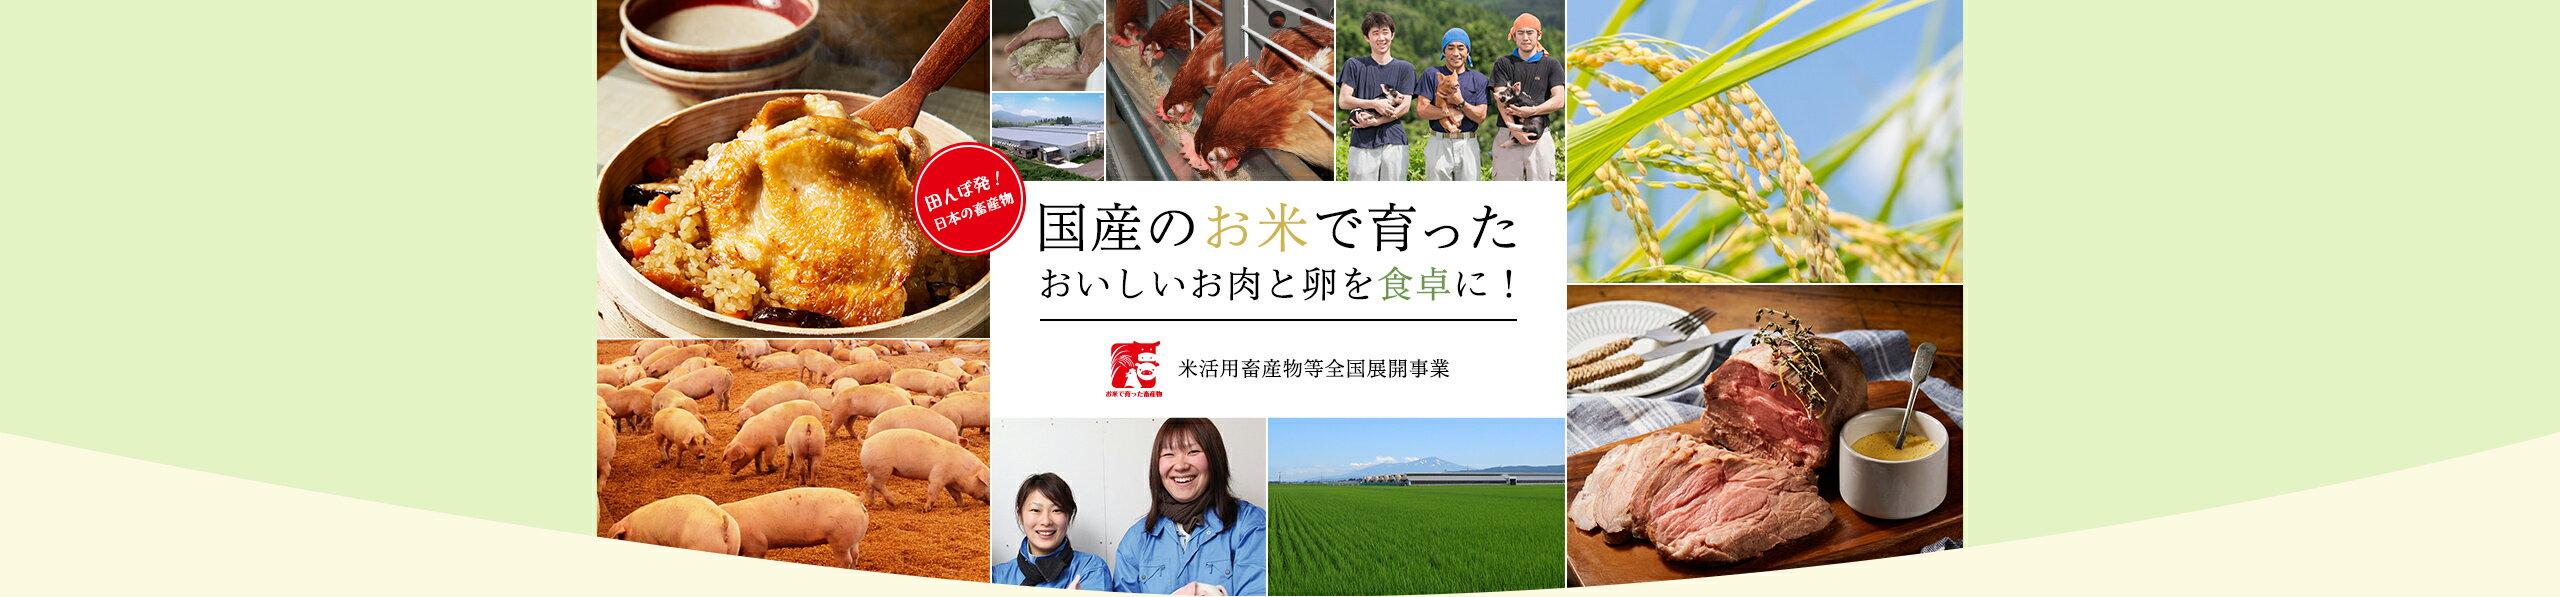 田んぼ発!日本の国産物。国産のお米で育ったおいしいお肉と卵を食卓に!米活用畜産物等全国展開事業